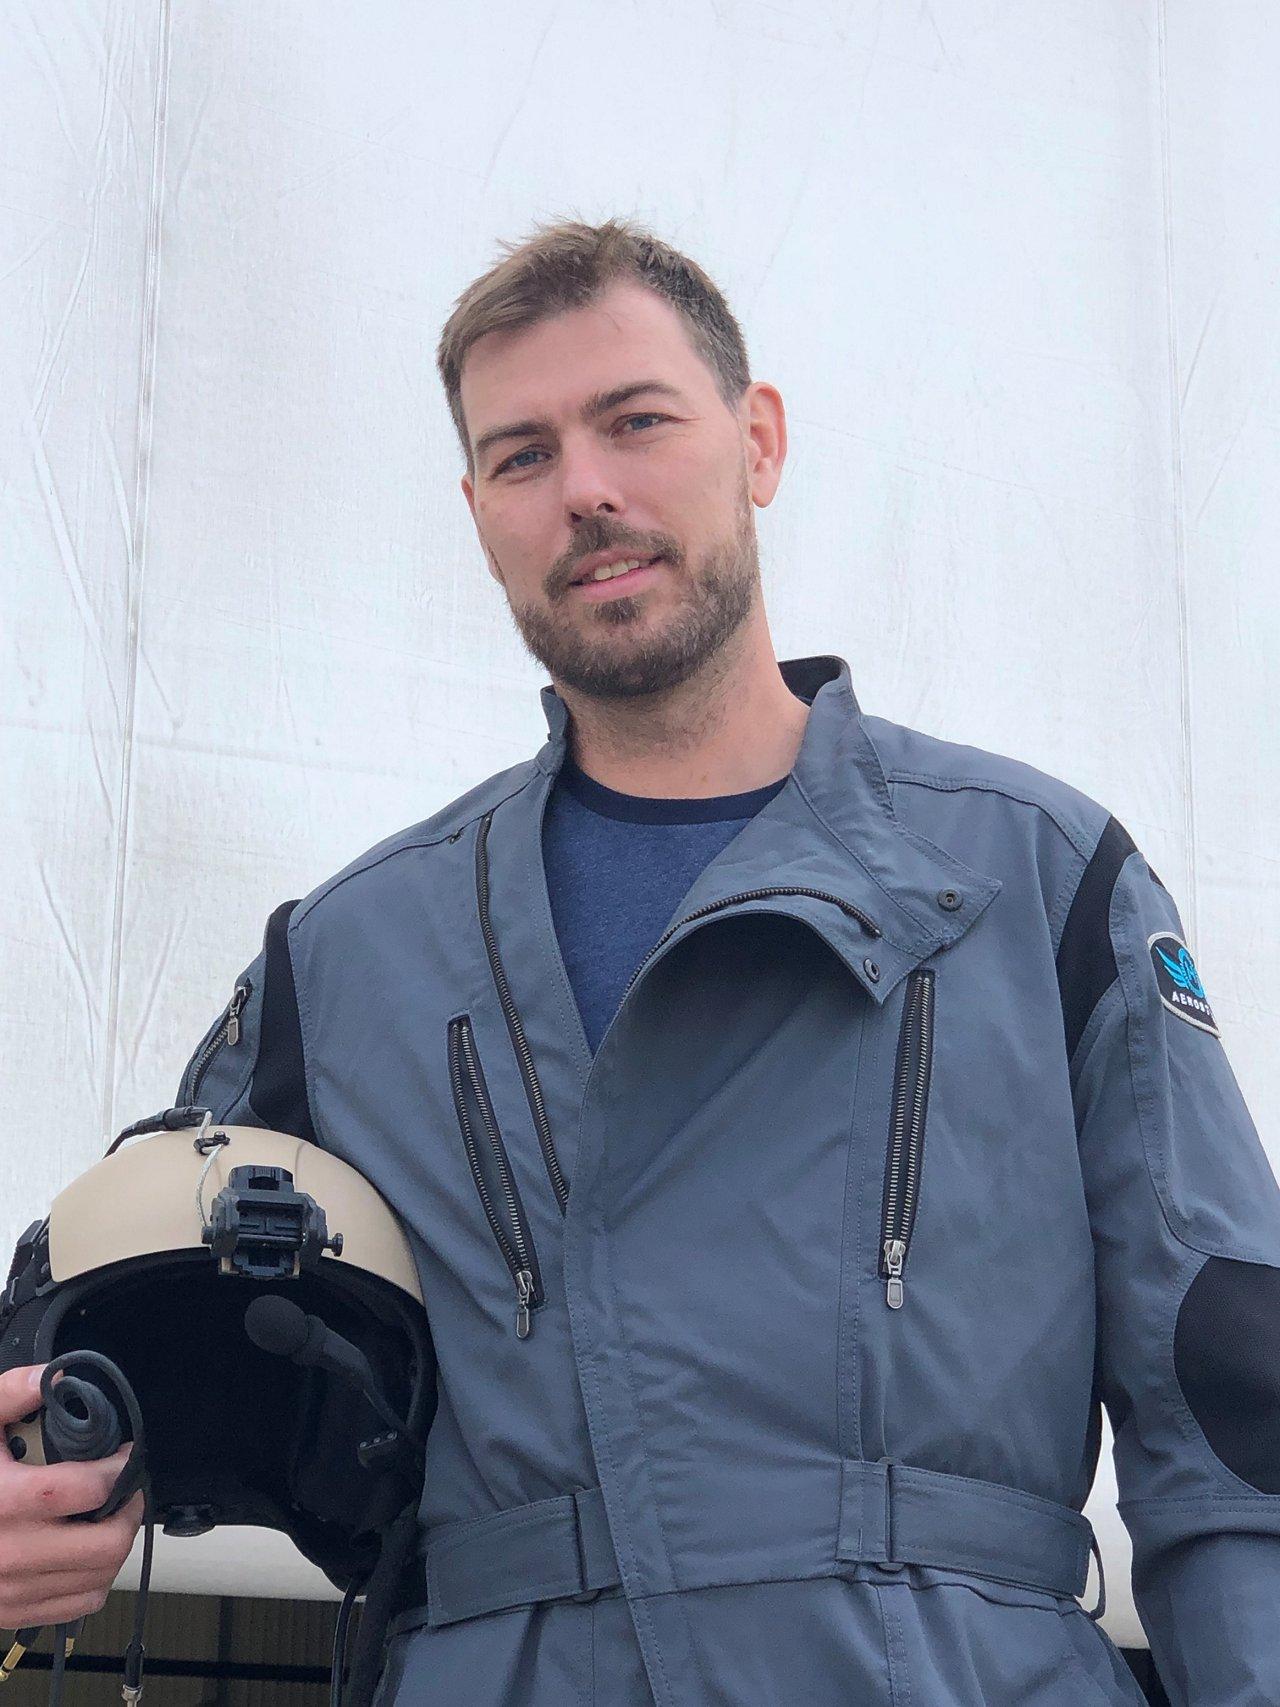 Air Race Kyle Clark Head Of Team Blue BETA Racing